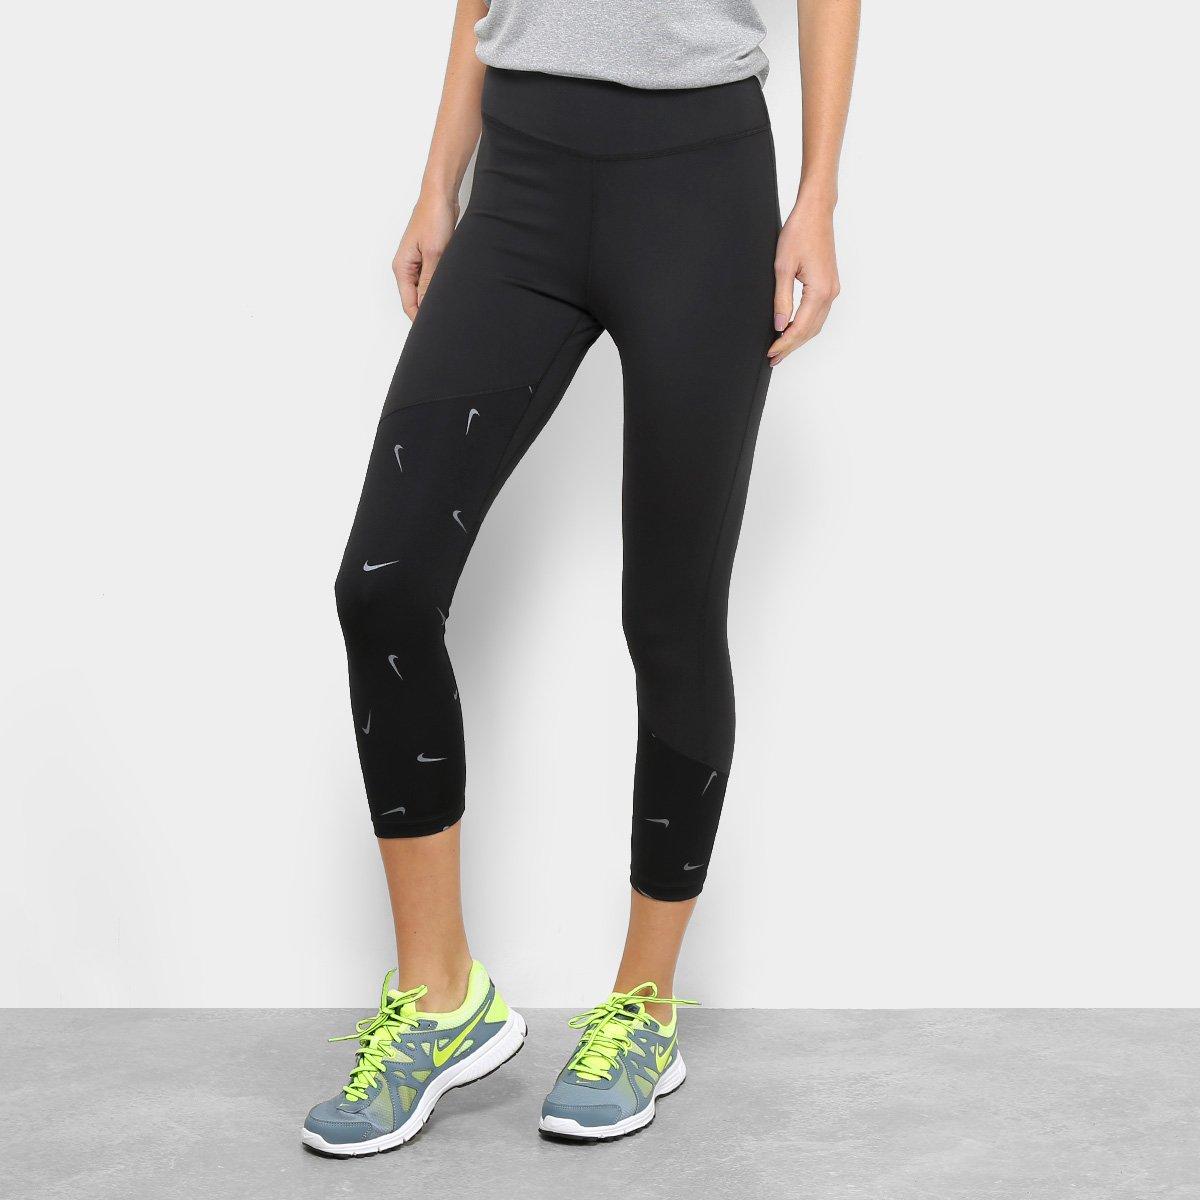 ec03183050de3 Calça Legging Nike One Crop Printed Feminina - Preto | Loja do Inter